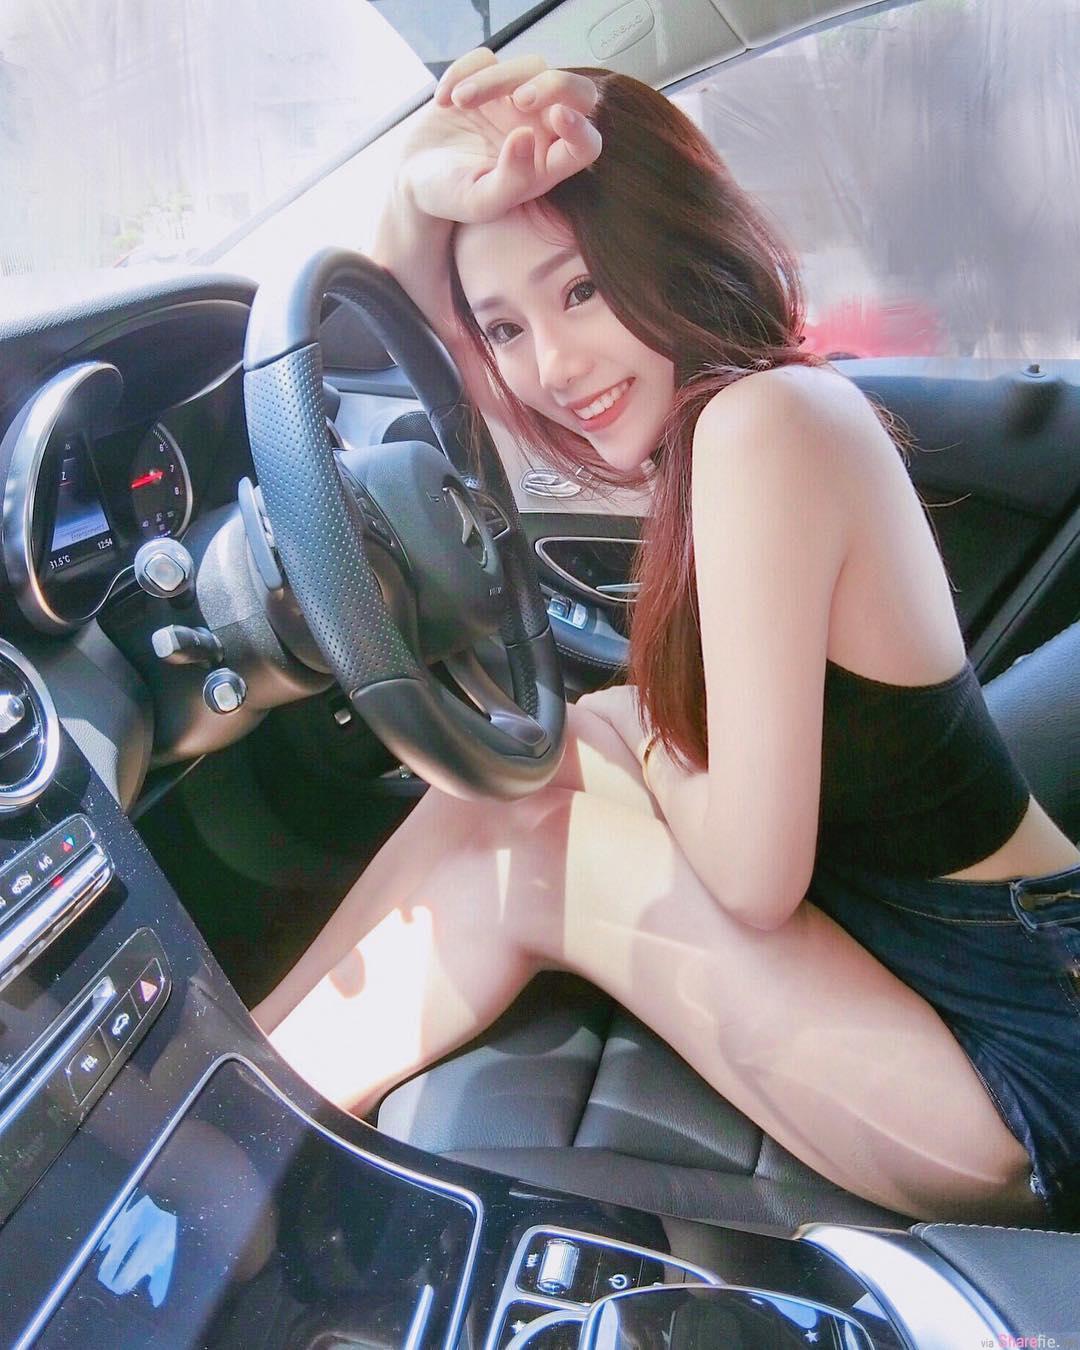 大马正妹Lynna Lin胸前开好大,一转身惊人事业线震惊网友